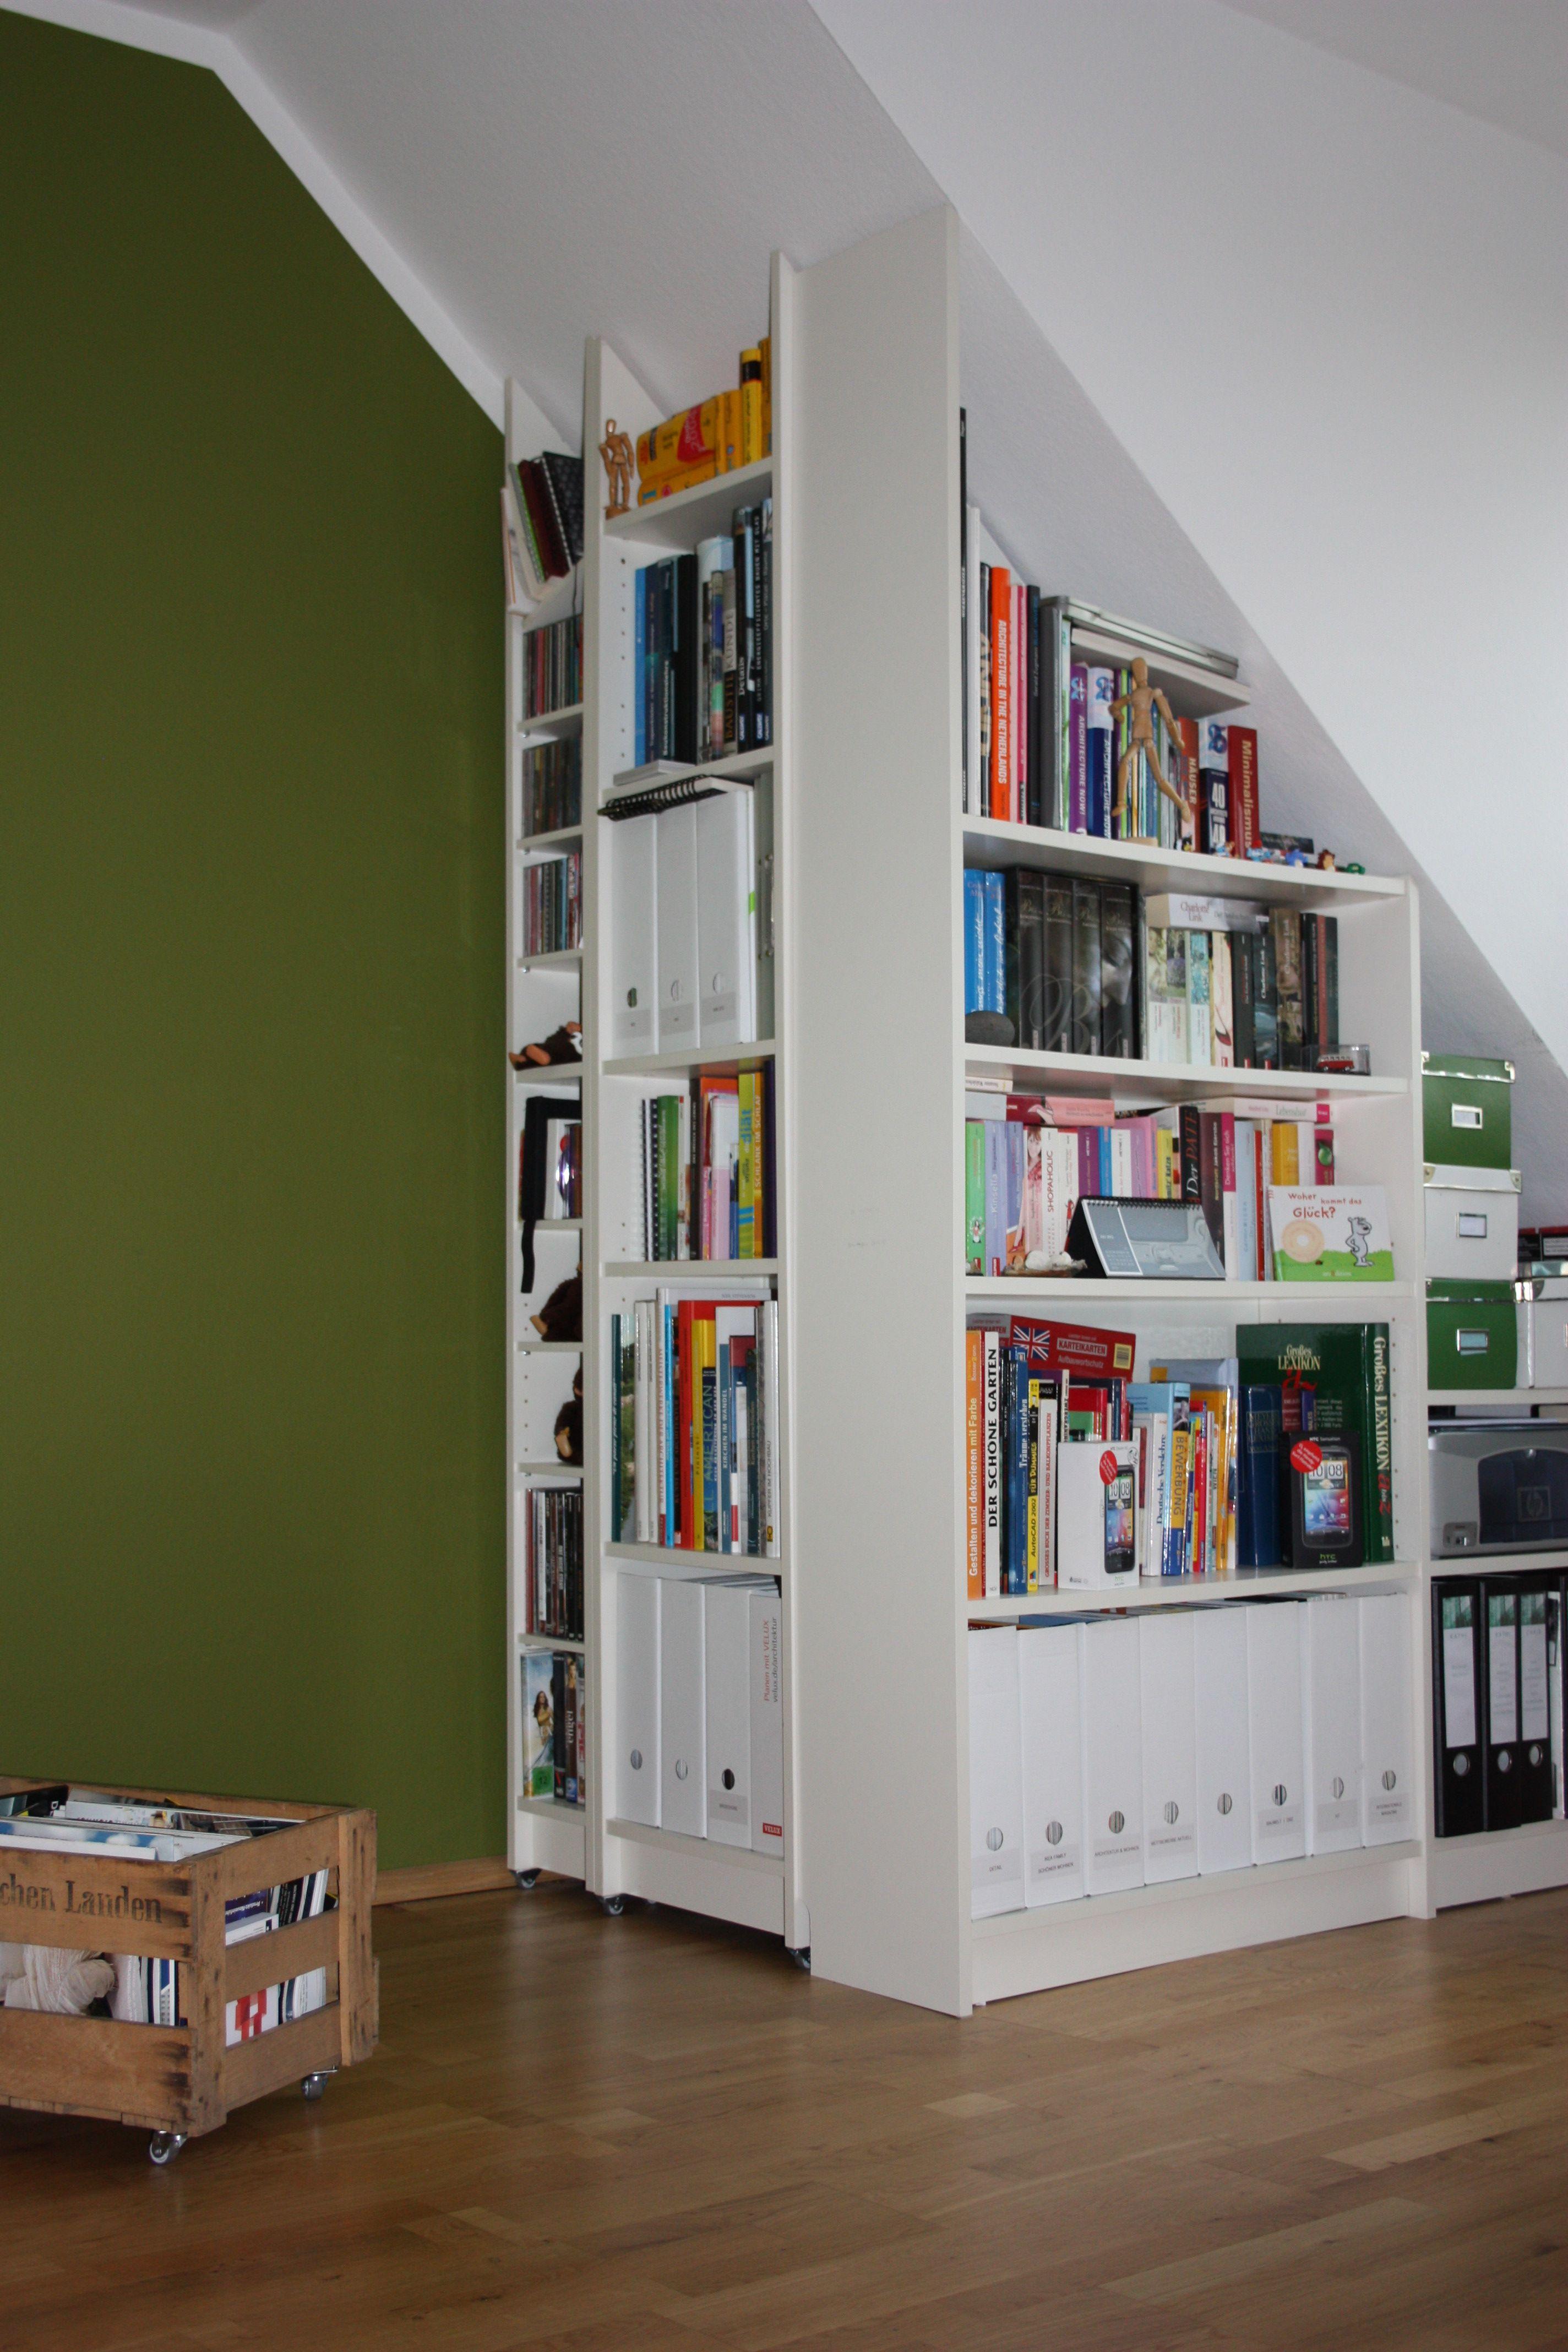 Superb Einfache Dekoration Und Mobel Die Heimbibliothek Mit Dem Gewissen Extra #3: Billy Regal Zugeschnitten